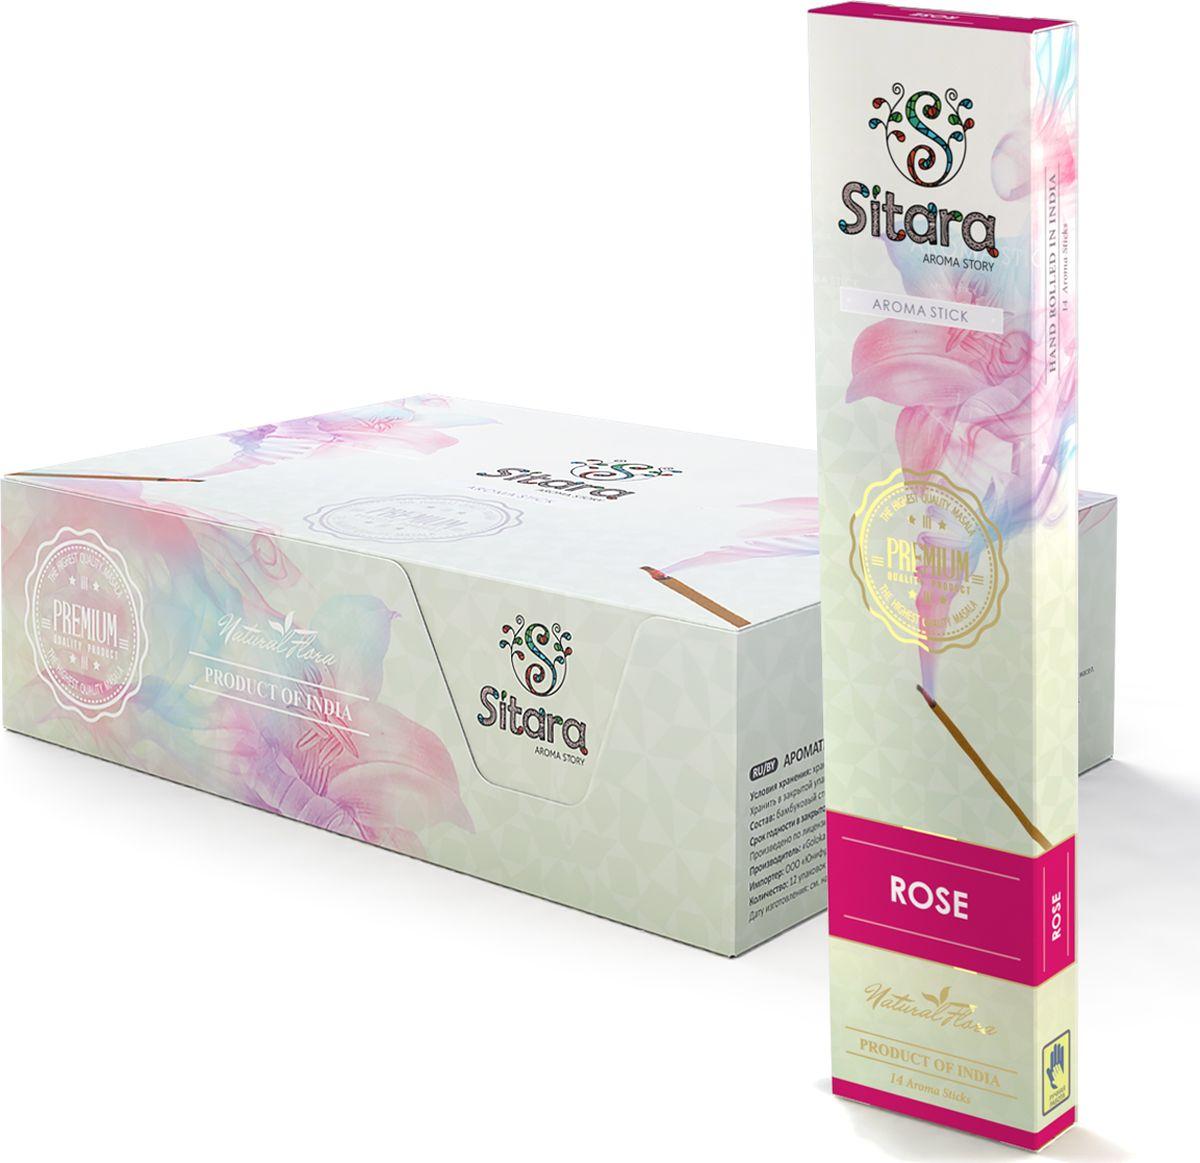 Ароматические палочки Sitara Premium Rose, 14 палочек10326Благоухающий цветочный аромат розы ароматических палочек Sitara Premium Rose создает комфортную обстановку, умиротворяет и помогаетпривести ваши мысли в порядок. Способ применения: Поджечь сторону, противоположную бамбуковому основанию. Через несколько секунд после возгорания задуть пламя. Поставить ароматическуюпалочку в подставку, соблюдая необходимые меры пожарной безопасности. Состав: Бамбуковый стержень (Bamboo rod), натуральный мед (Honey), смола и пудра сандалового дерева (Resin and sandalwood powder), натуральнаяэссенция эфирных масел (Essential oils)С осторожностью:Людям страдающими заболеваниями дыхательных путей, аллергическими реакциями, при беременности.